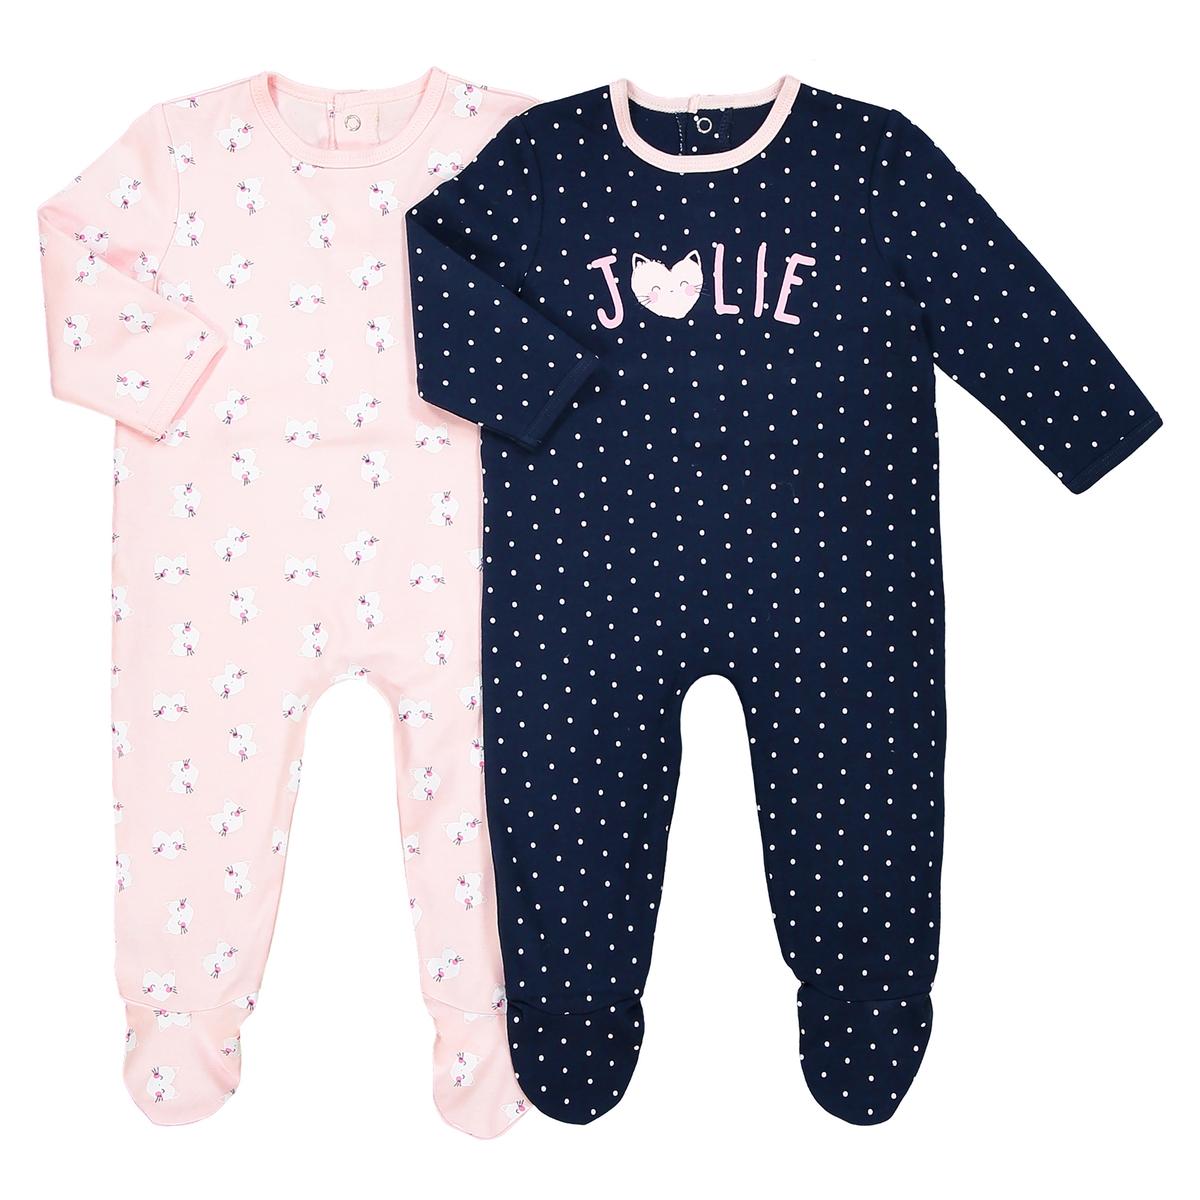 Комплект из 2 пижам из хлопка, 0 мес. - 3 годаОписание:Комплект из 2 пижам из ткани интерлок. Очень женственный мелкий рисунок двух цветов, очень комфортных для сна ребенка.Детали •  2 пижамы : 1 пижама с мелким рисунком + 1 пижама с надписью. •  Длинные рукава. •  Круглый вырез. •  Носки с противоскользящими элементами для размеров от 12 месяцев  (74 см). Состав и уход •  Материал : 100% хлопок. •  Стирать с вещами схожих цветов при 40° в обычном режиме. •  Стирать и гладить с изнанки при низкой температуре. •  Деликатная сушка в машинке.<br><br>Цвет: темно-синий  + розовый